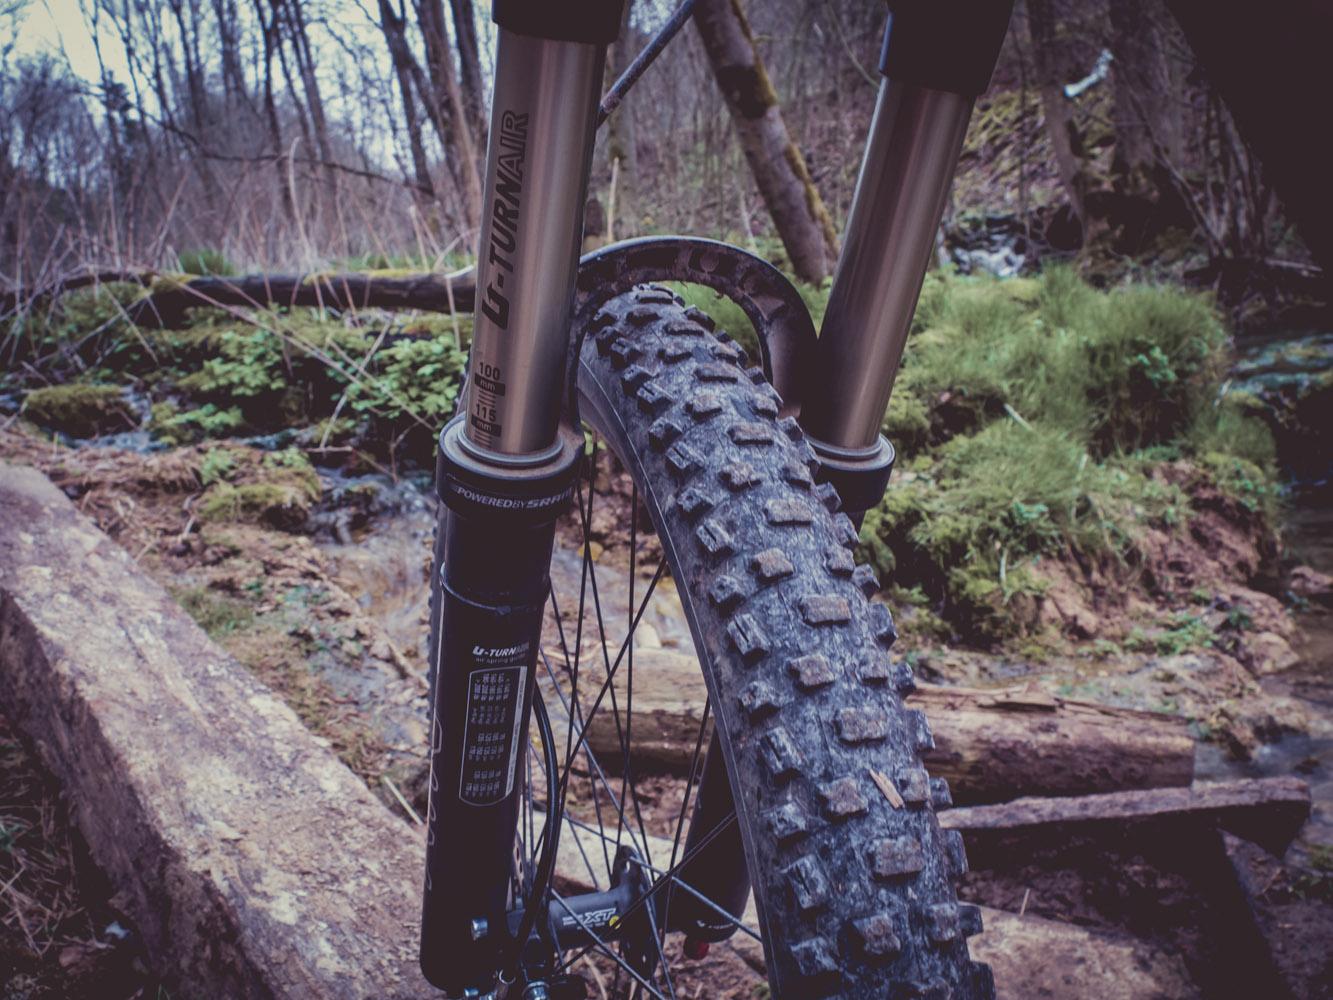 Mit der Fujifilm X10 im Wald